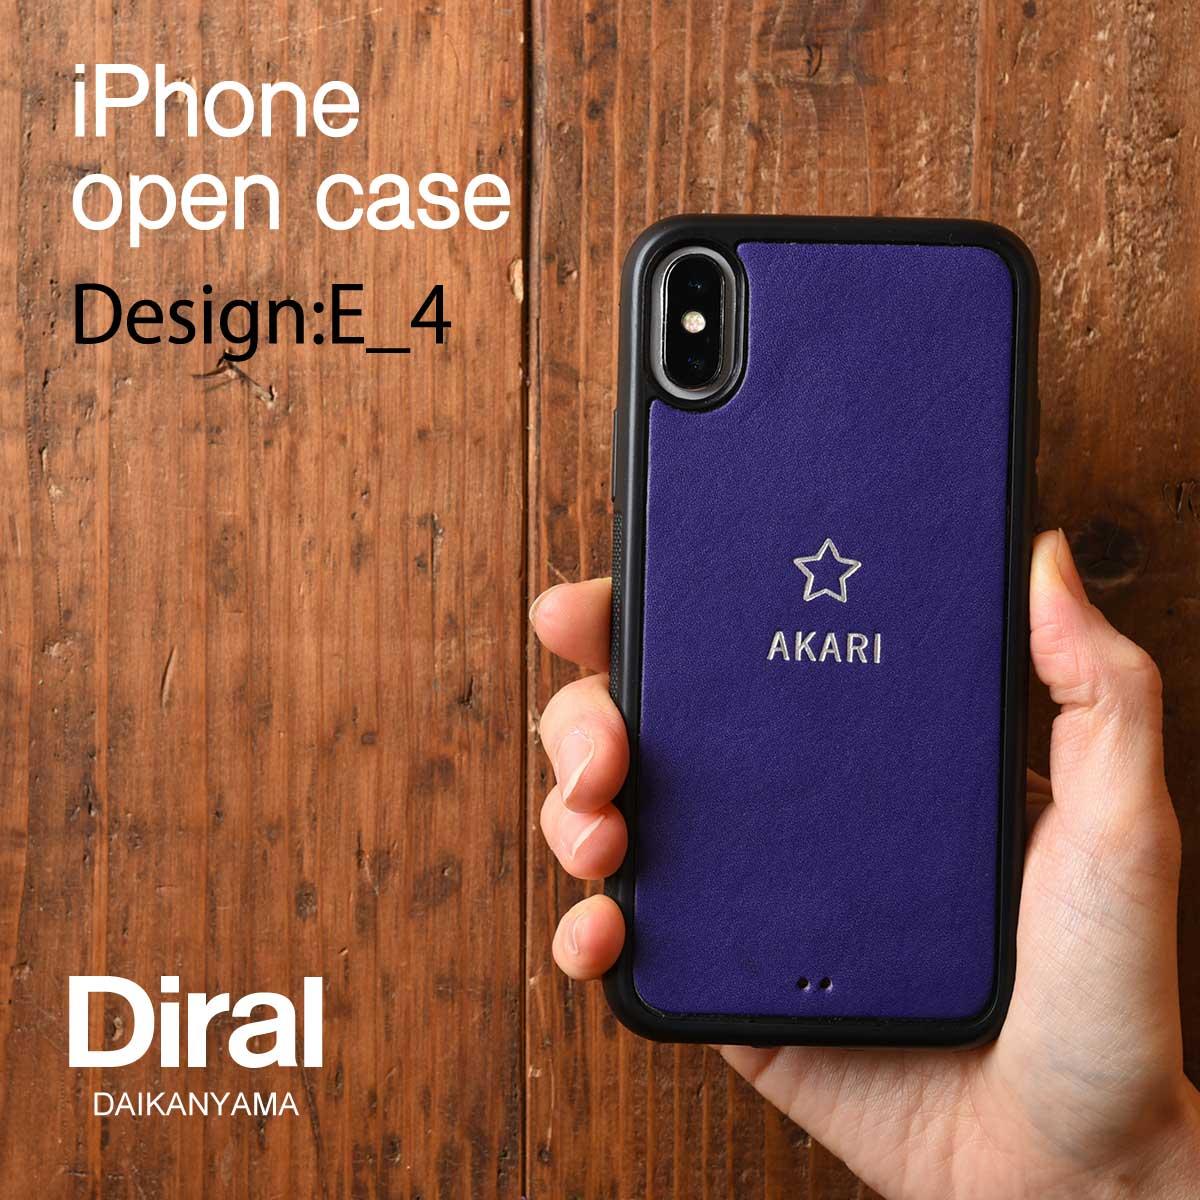 好みのデザインパターンから自由にカスタマイズ 贈答品 誰ともかぶらない 一つだけのiPhoneケースが作れます Design E4 ミニマーク刻印 在庫あり スター 名入れカスタム iPhoneオープンタイプケース +名入れ iPhoneケース オーダー